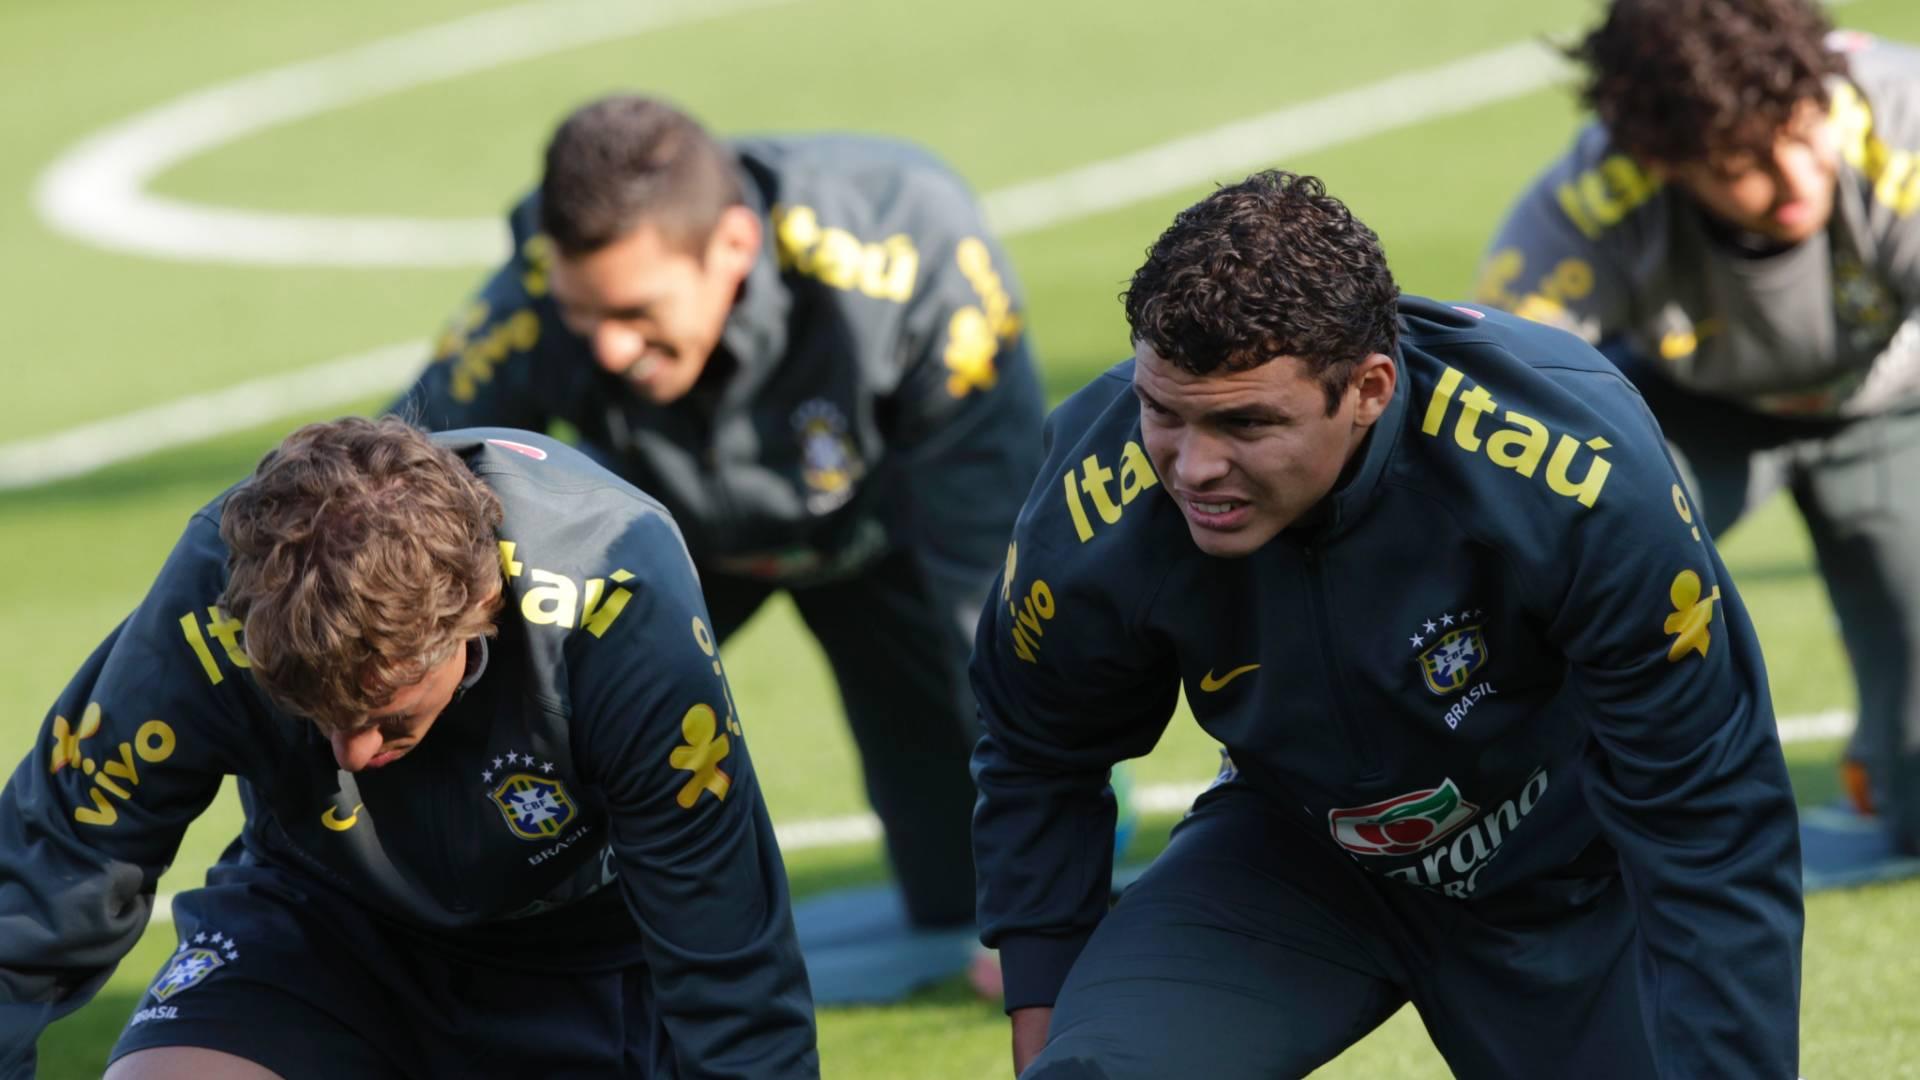 Thiago Silva e Lucas Leiva fazem aquecimento antes do treino da seleção em Londres